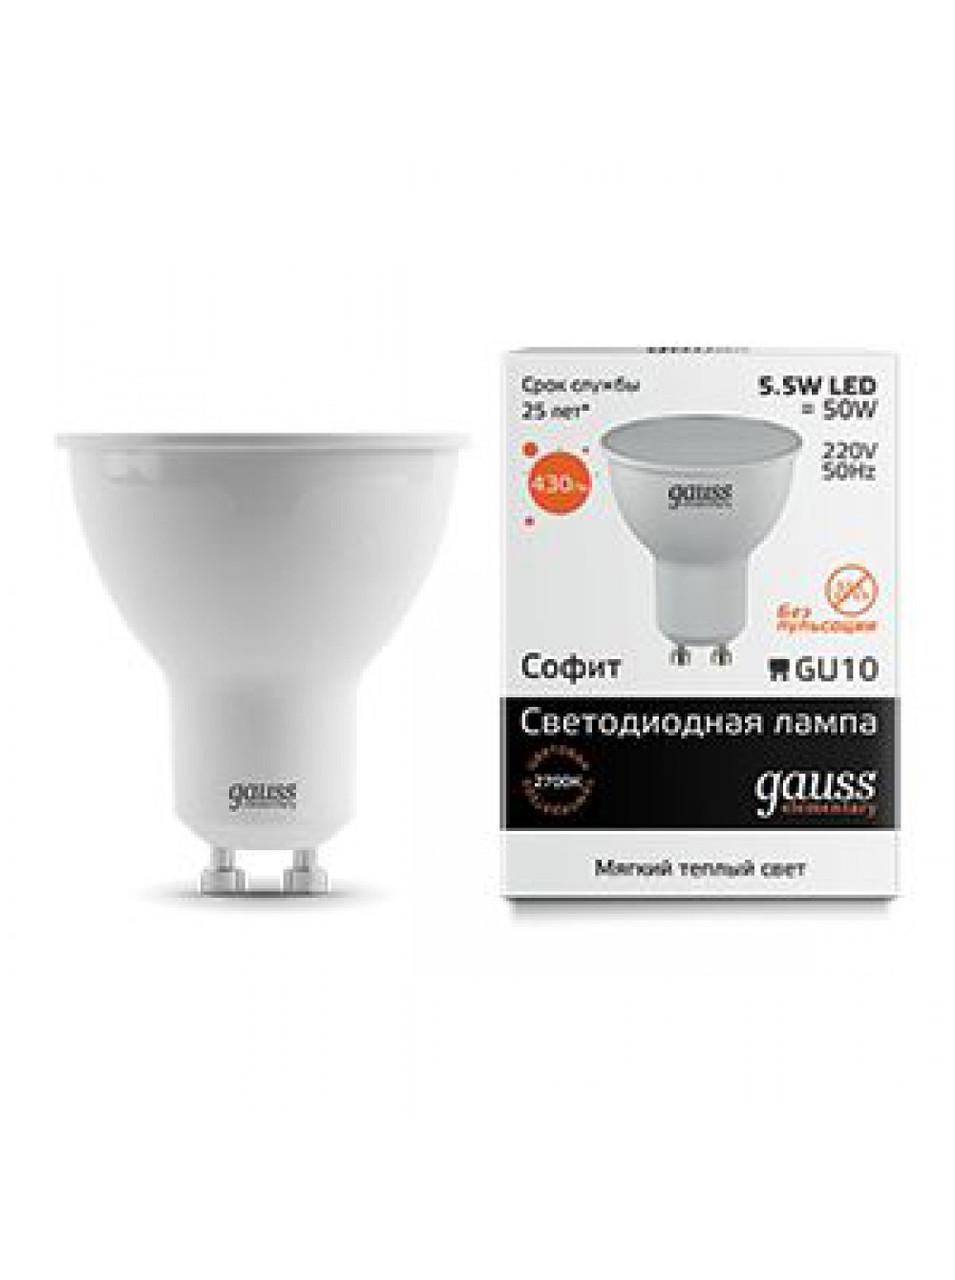 LED Лампа Gauss Elementary 5.5ВТ 220В 2700К